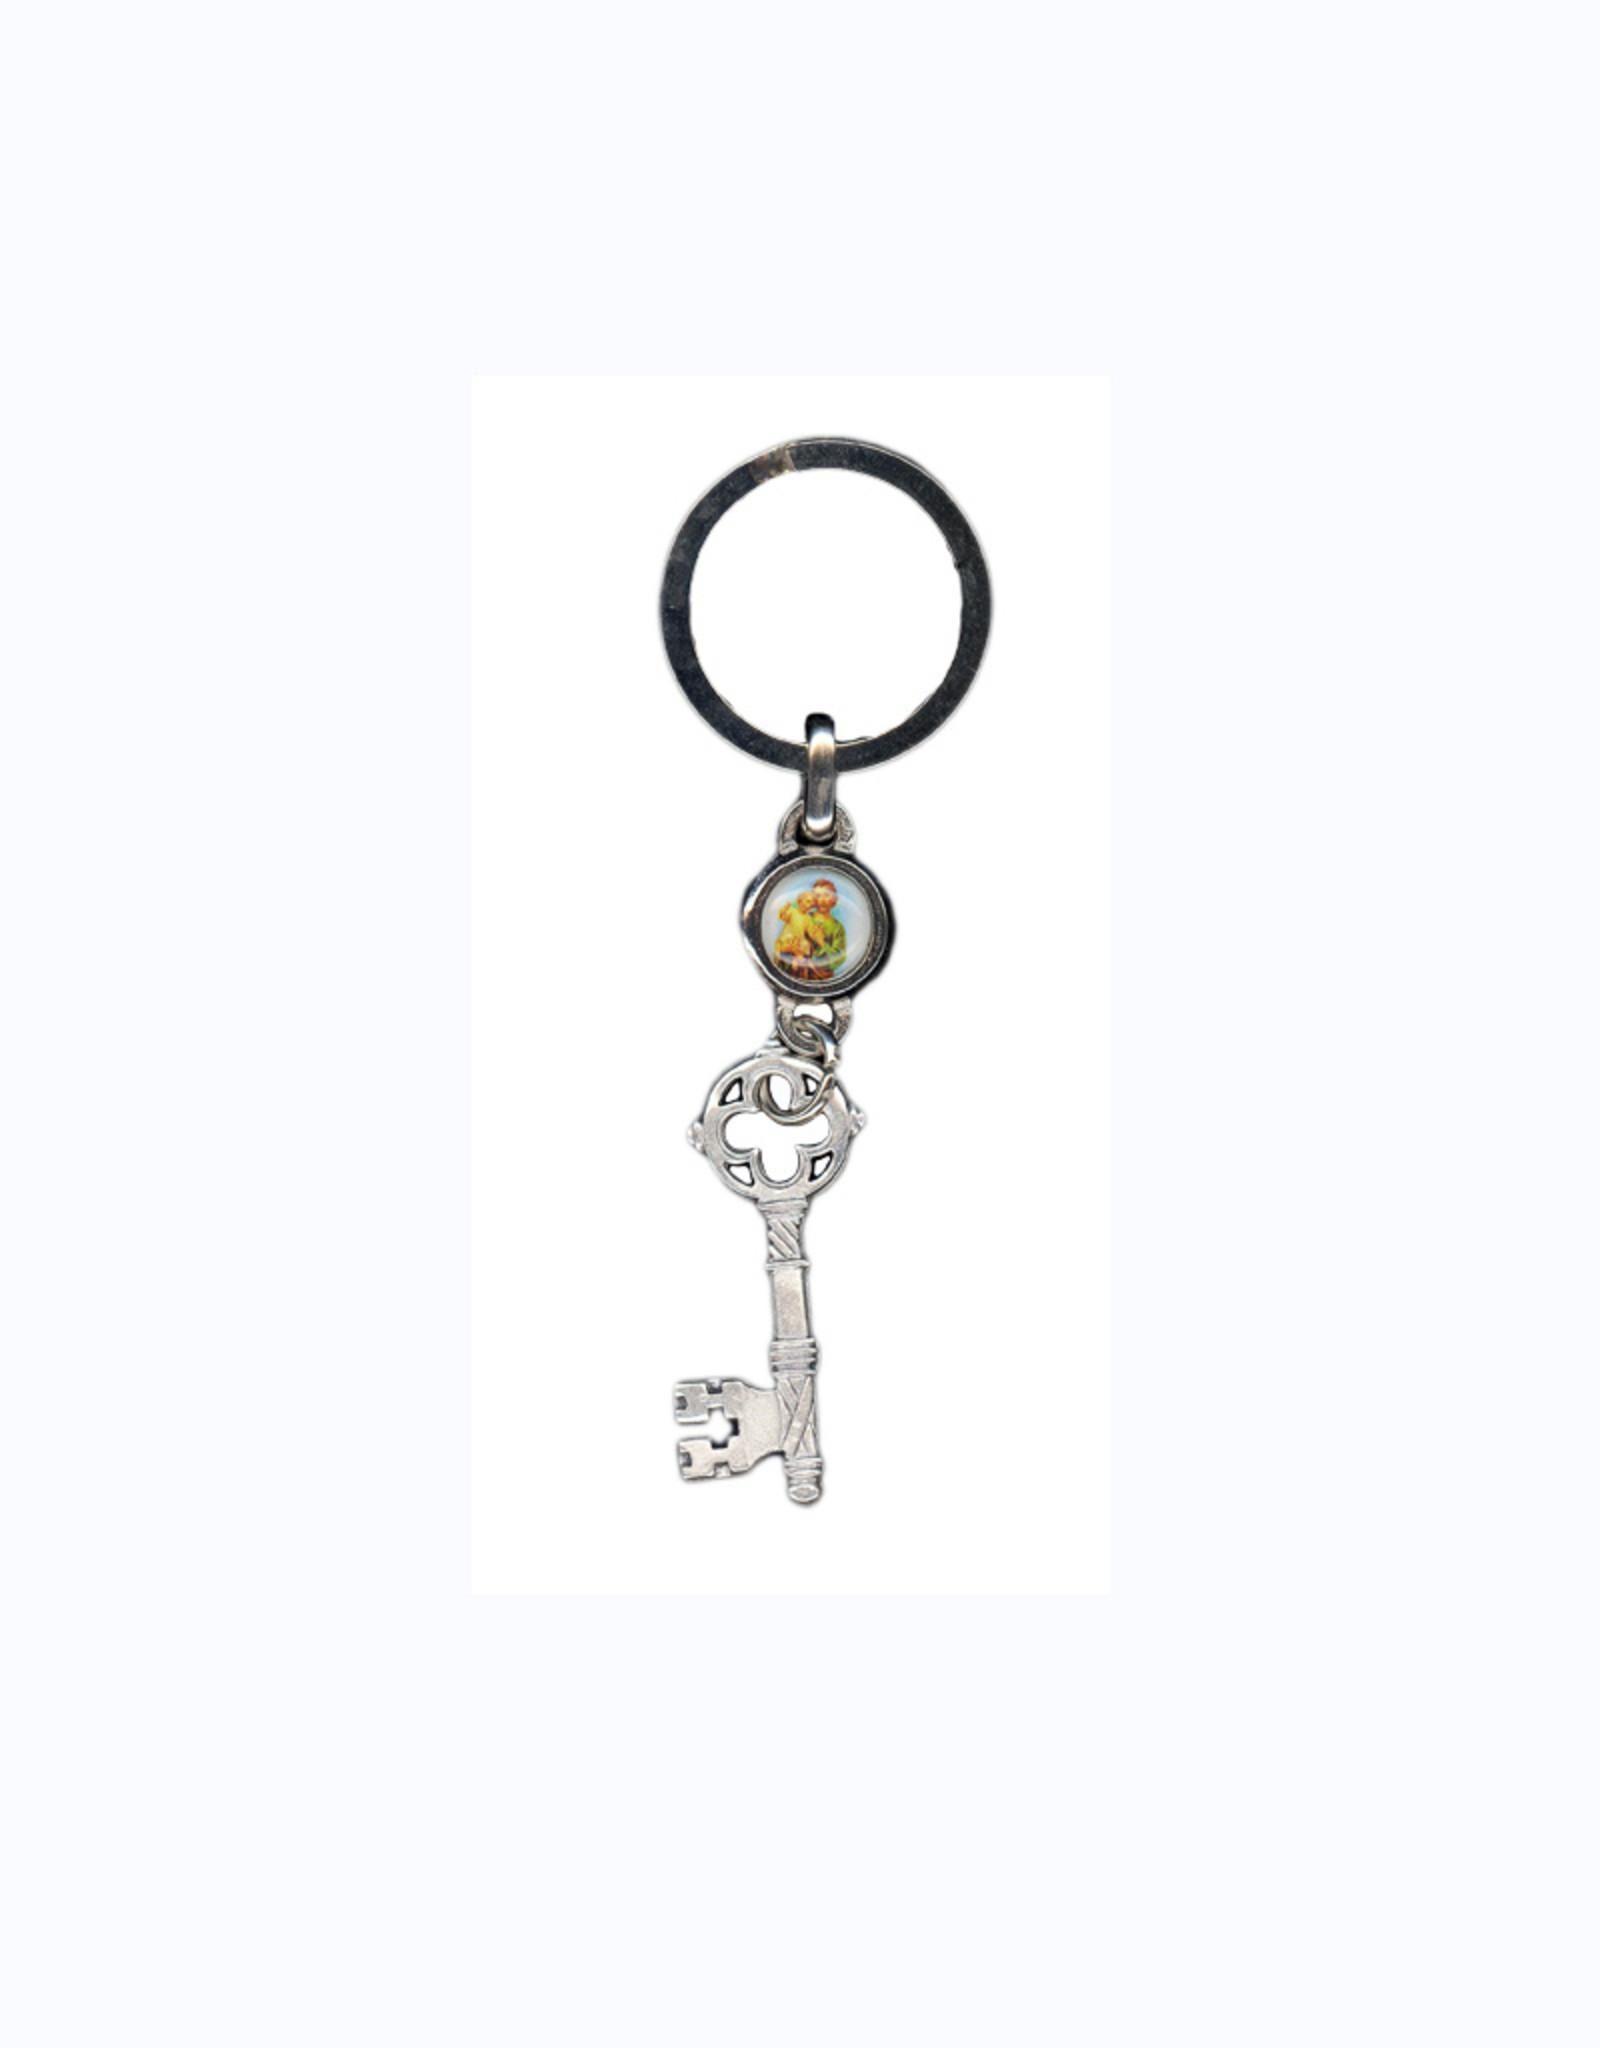 Keychain: Saint Joseph key